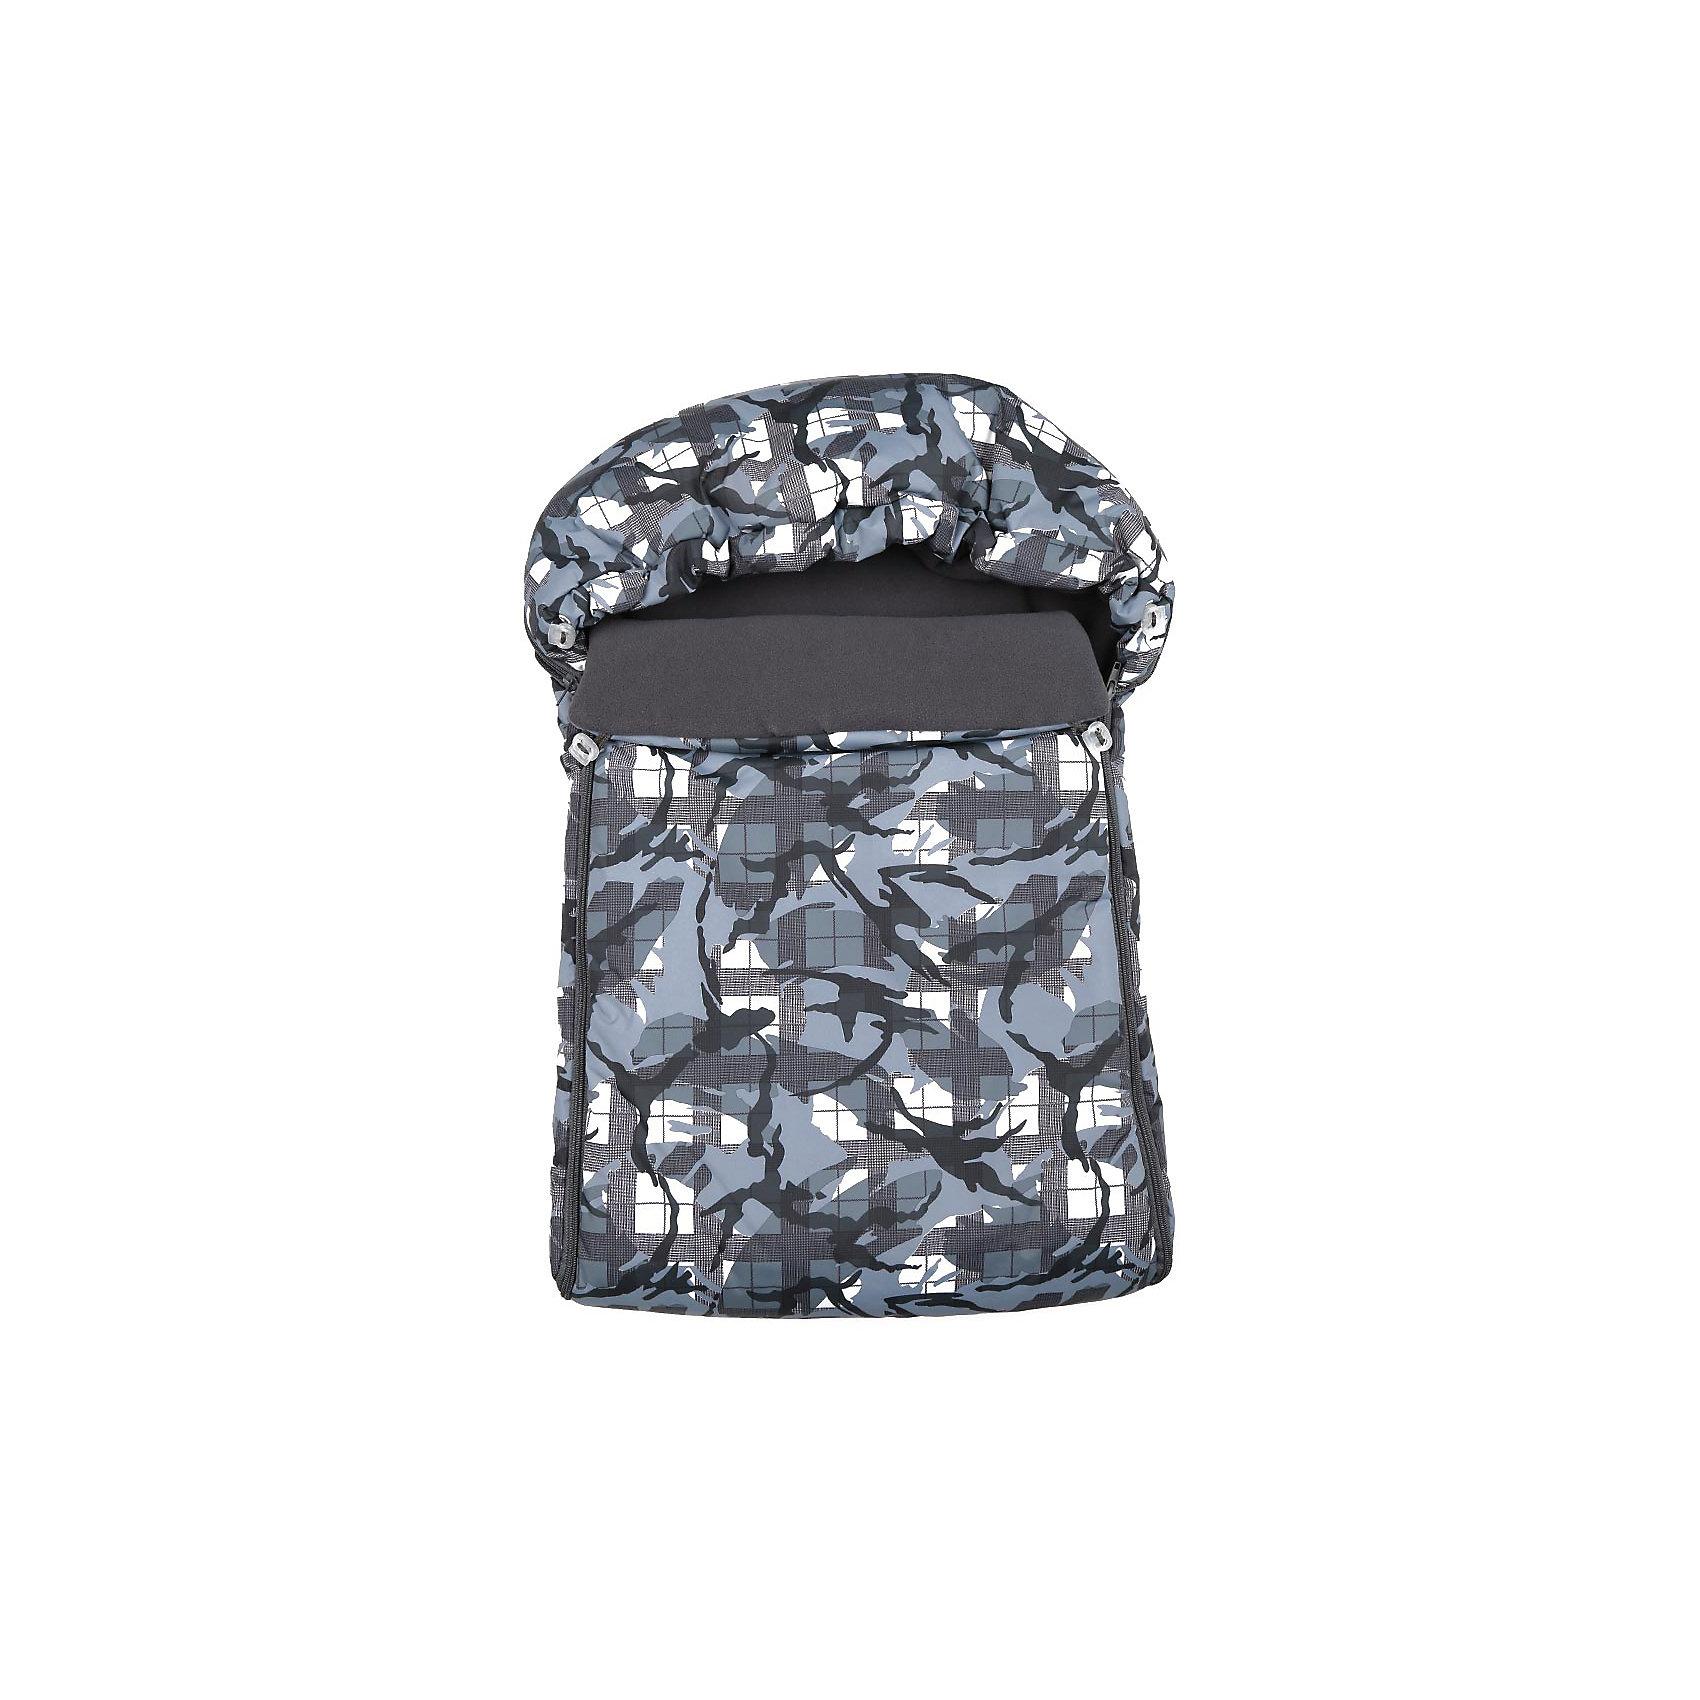 Спальный мешок Защита, Leader Kids, хакиСпальный мешок Защита, Leader Kids,- идеальный вариант для самых маленьких, он замечательно подойдет для прогулок в коляске в прохладную погоду и создаст ощущение тепла и уюта. Мешок имеет серую защитную расцветку, для удобства чехол застегивается с двух сторон на молнию, капюшон оснащен резинкой для утяжки до нужного размера. Покрытие из плащевки (100% полиэстер) обладает водо- и грязеотталкивающими свойствами, наполнитель из нетканого волокна хорошо сохраняет тепло, пропускает воздух и поддерживает оптимальную для малыша температуру, подкладка из мягкого теплого флиса создает дополнительный комфорт. <br><br>Дополнительная информация:<br><br>- Цвет: серый.<br>- Сезон: круглогодичный.<br>- Материал: 100% полиэстер, наполнитель - нетканое волокно, подкладка - флис (100% полиэстер).<br>- Размер: 70 х 48 х 35 см.<br>- Вес: 0,7 кг.<br><br>Спальный мешок Защита, Leader Kids, серый, можно купить в нашем интернет-магазине.<br><br>Ширина мм: 700<br>Глубина мм: 480<br>Высота мм: 350<br>Вес г: 700<br>Цвет: хаки<br>Возраст от месяцев: 0<br>Возраст до месяцев: 6<br>Пол: Унисекс<br>Возраст: Детский<br>SKU: 4212759